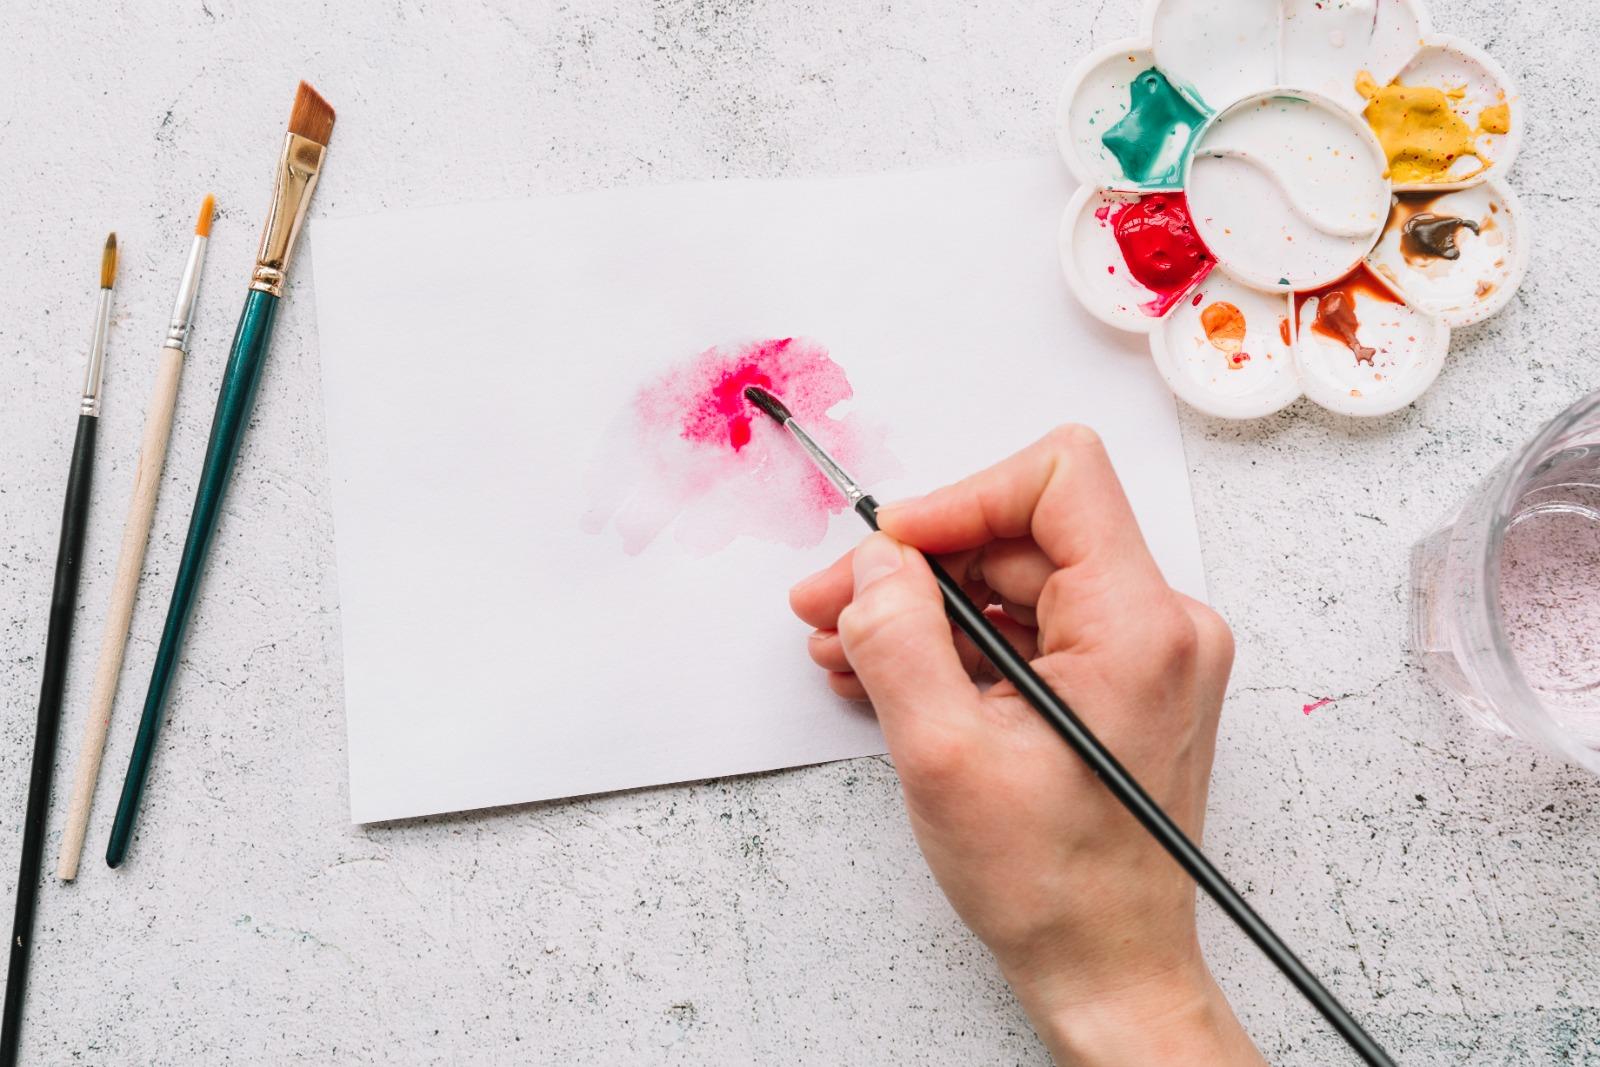 Loriguilla retoma las clases de pintura y manualidades